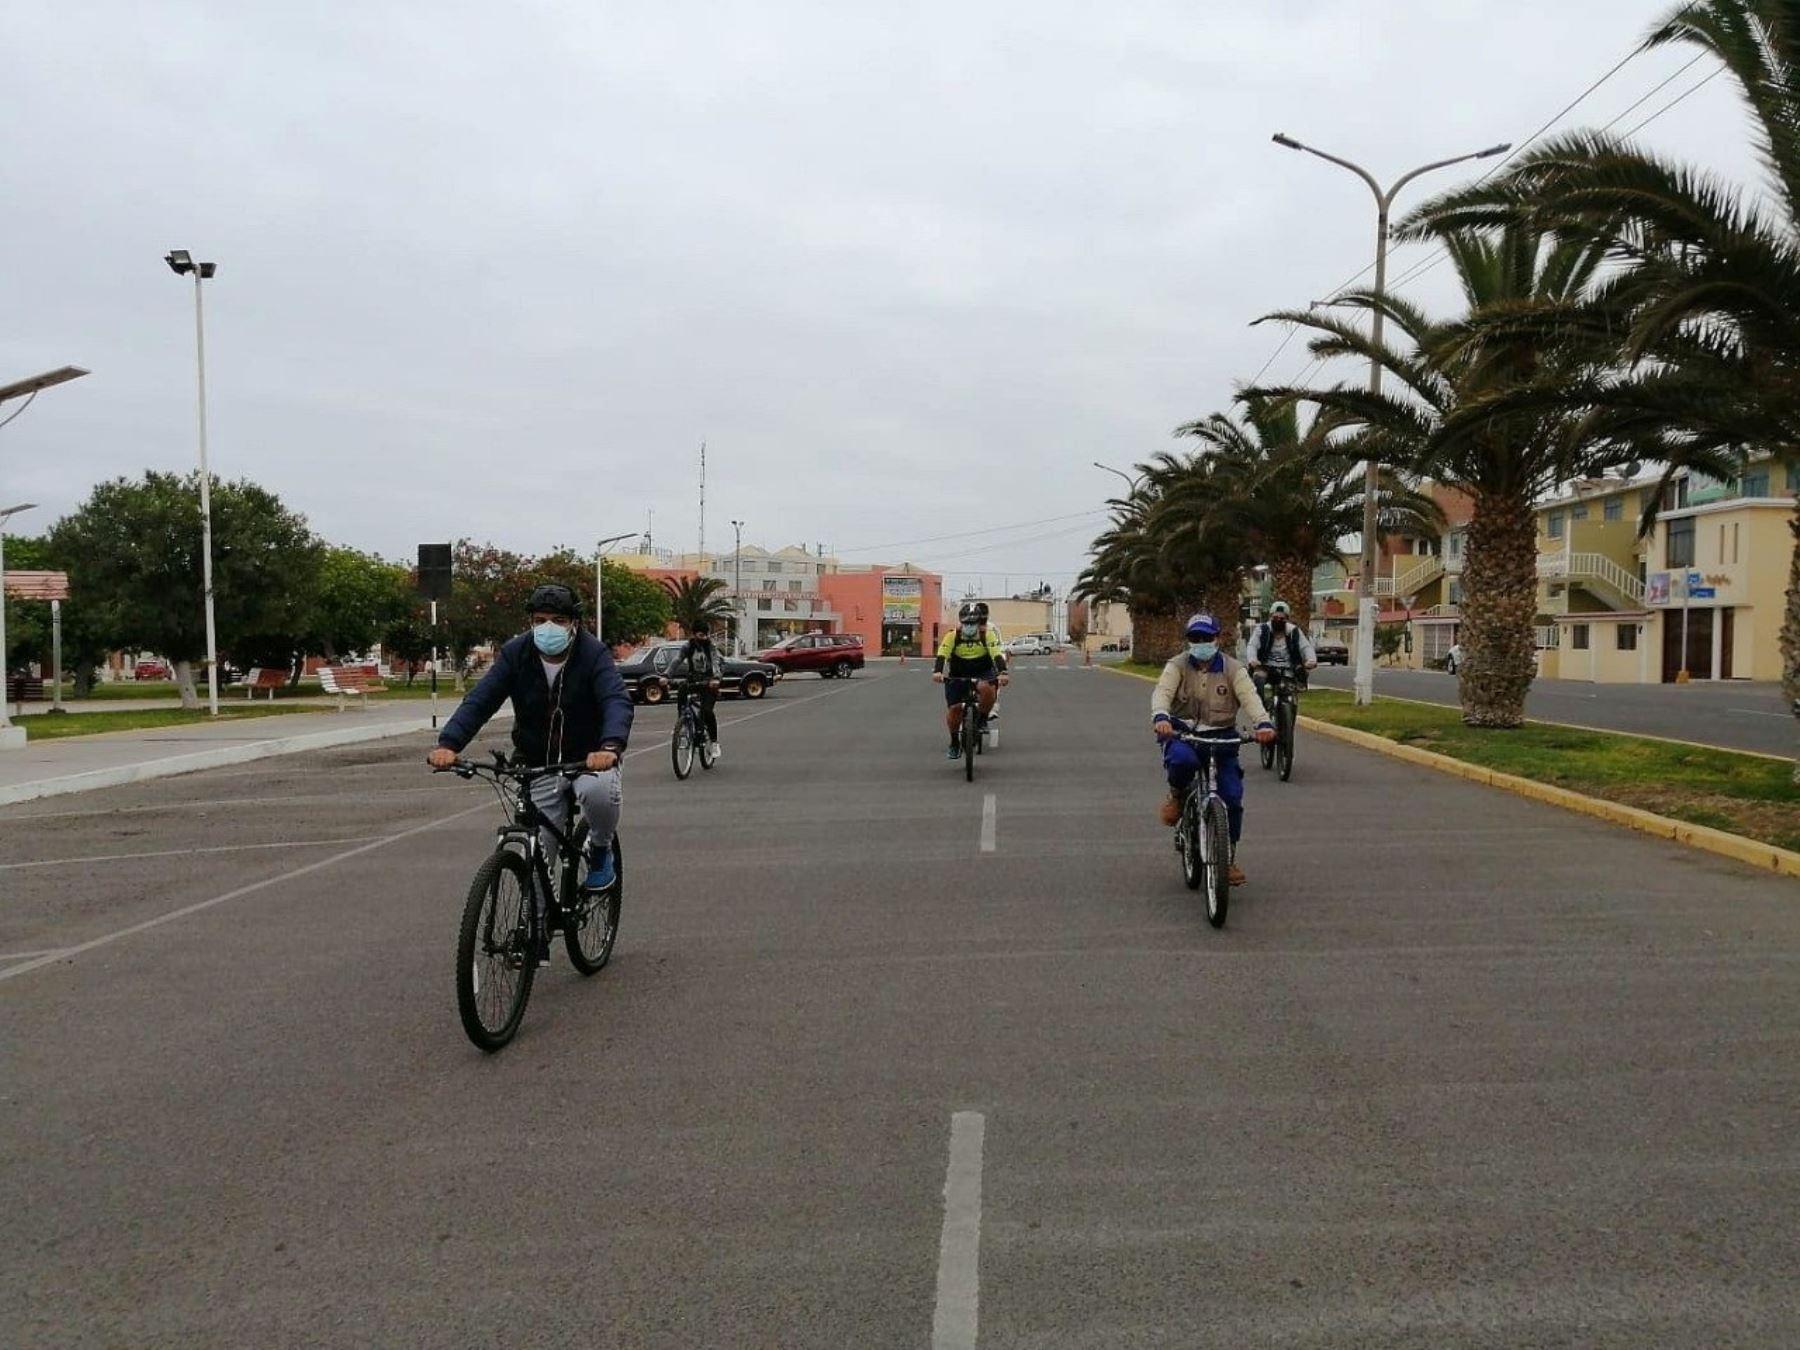 Municipios de San Martín, Moquegua y Lima implementan guías para actividades deportivas y recreativas en vías públicas.